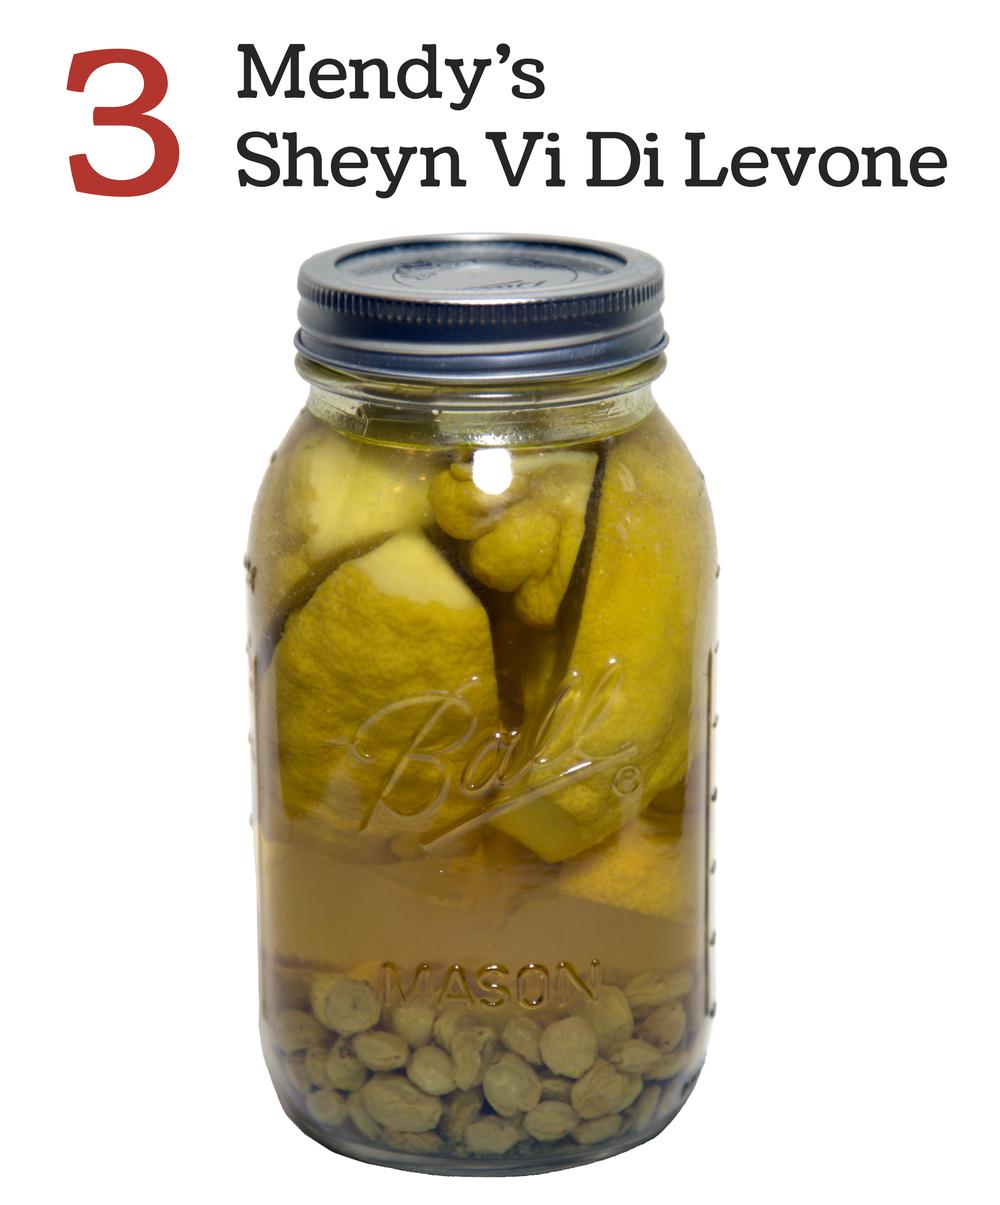 3 Mendy's Sheyn Vi Di Levone.jpg